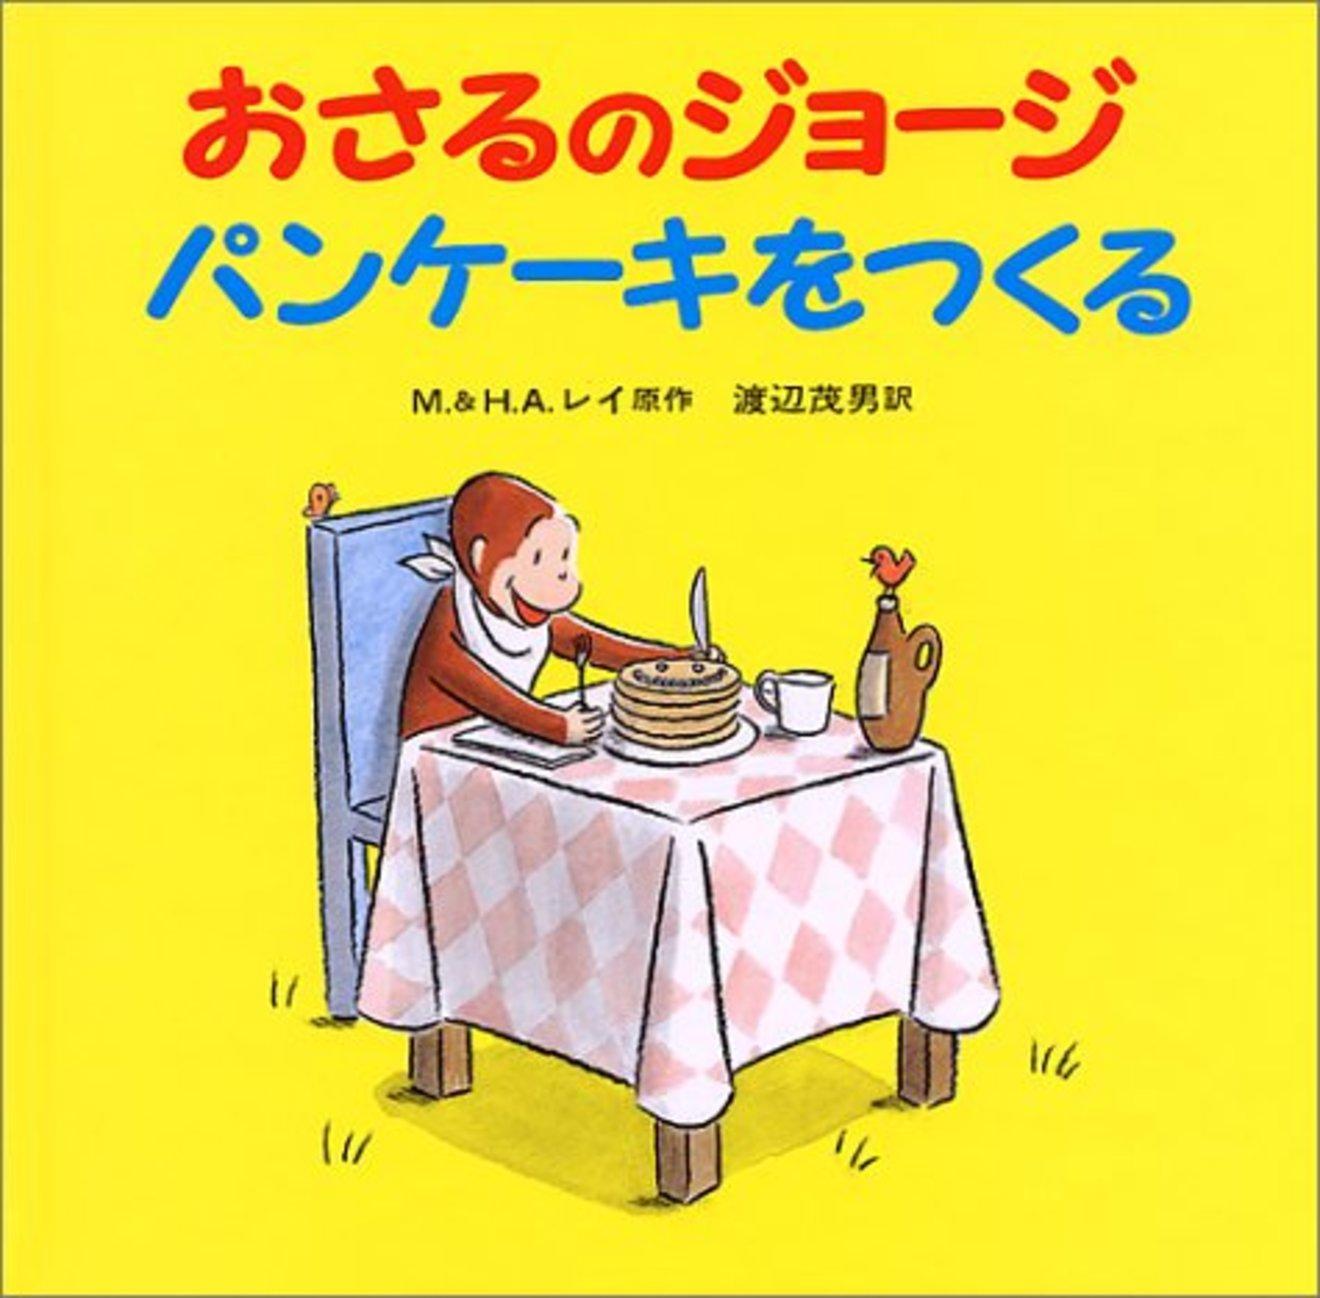 「おさるのジョージ」シリーズおすすめの絵本5選!